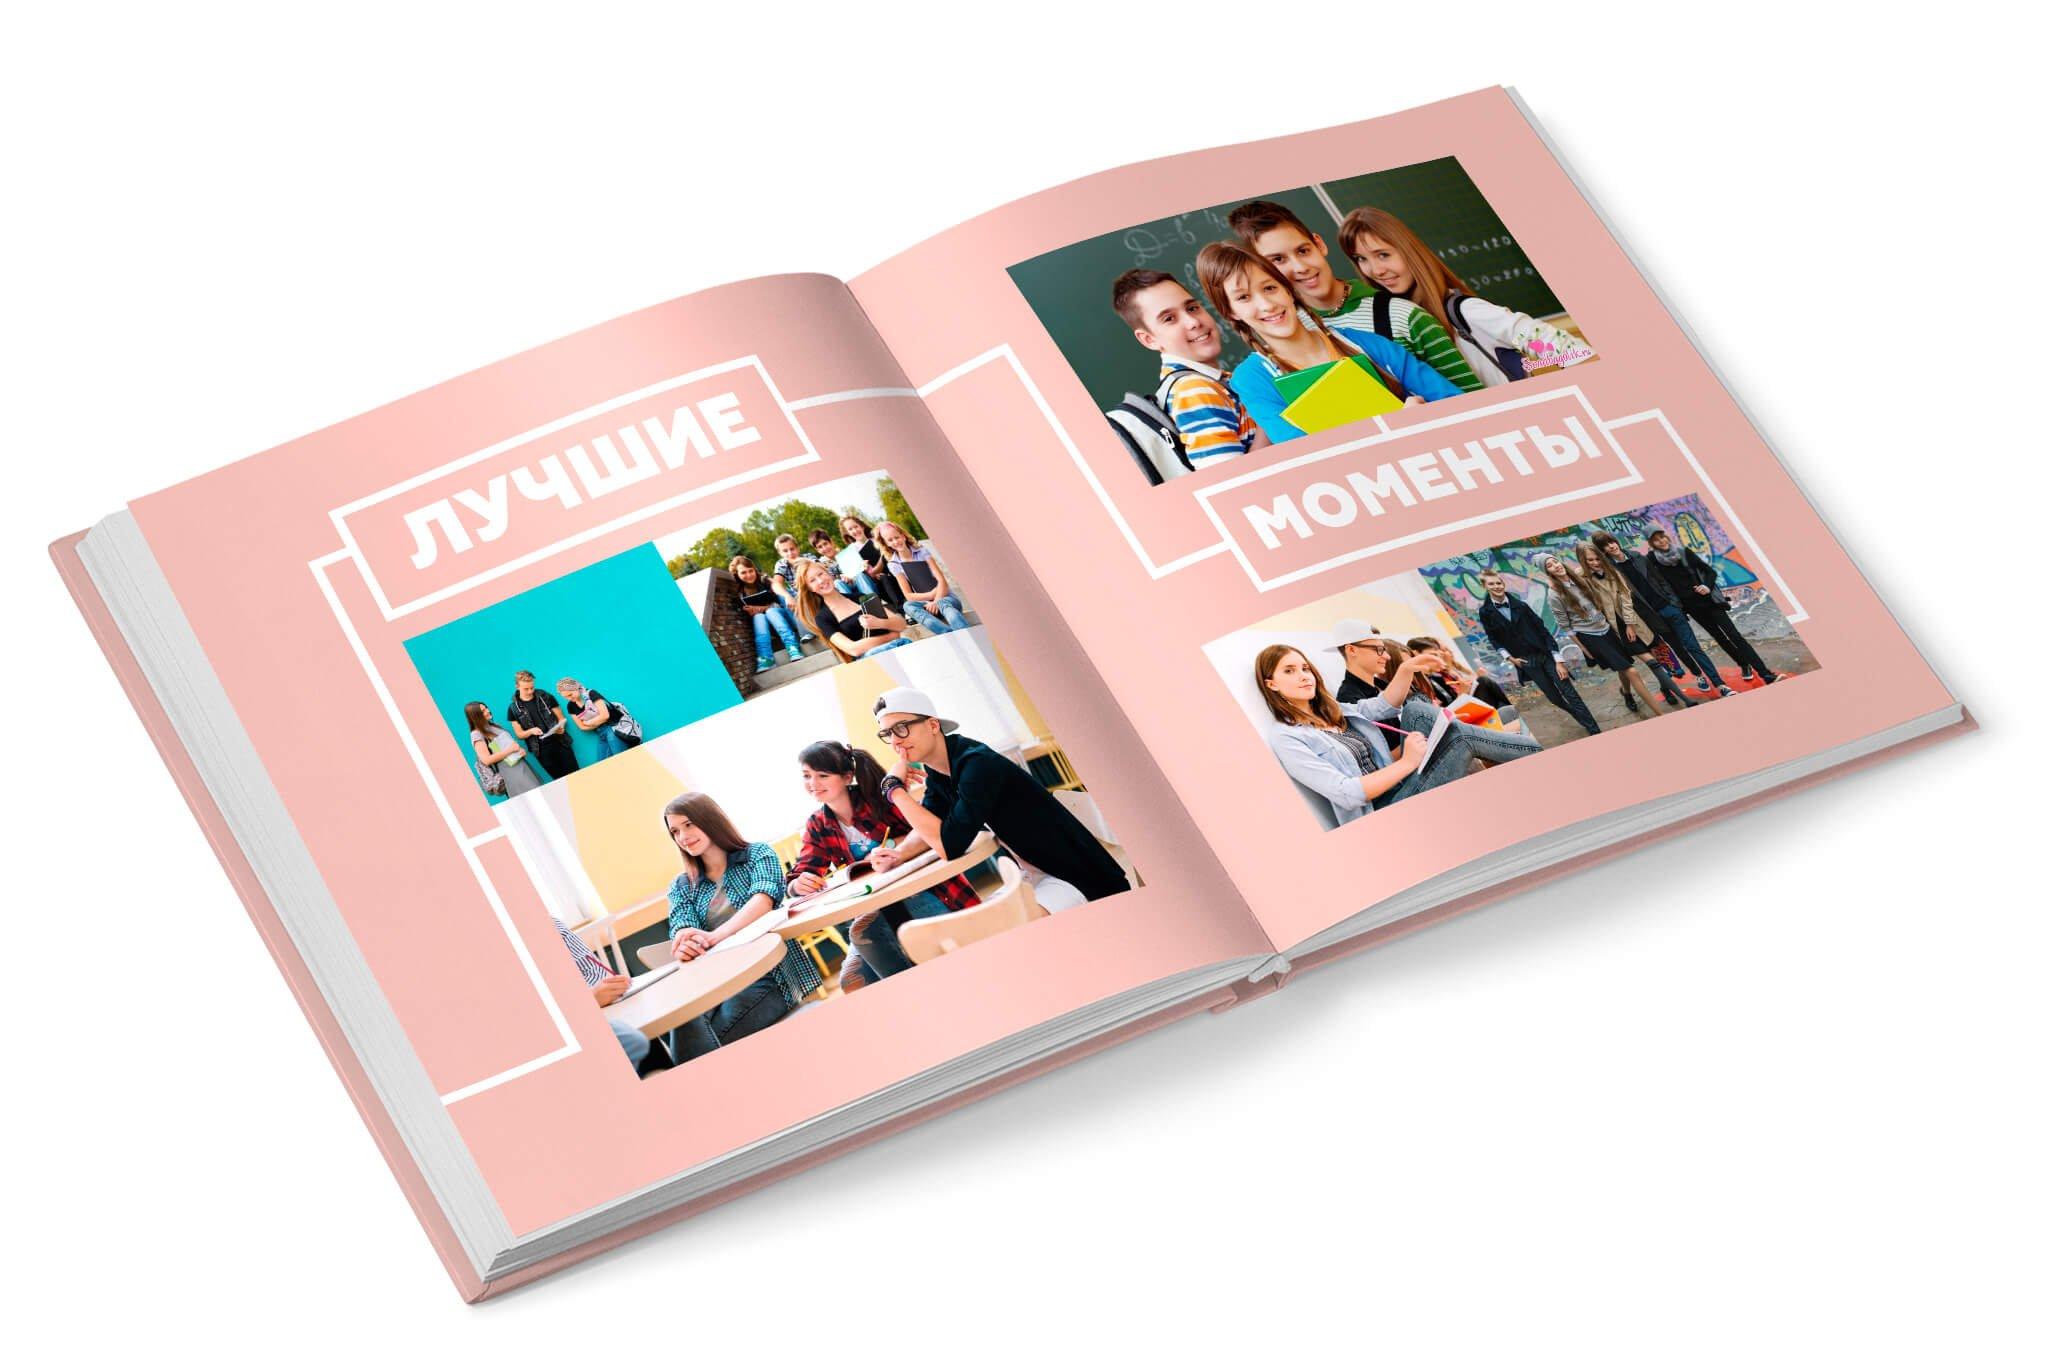 Картинки для школы книги альбомы